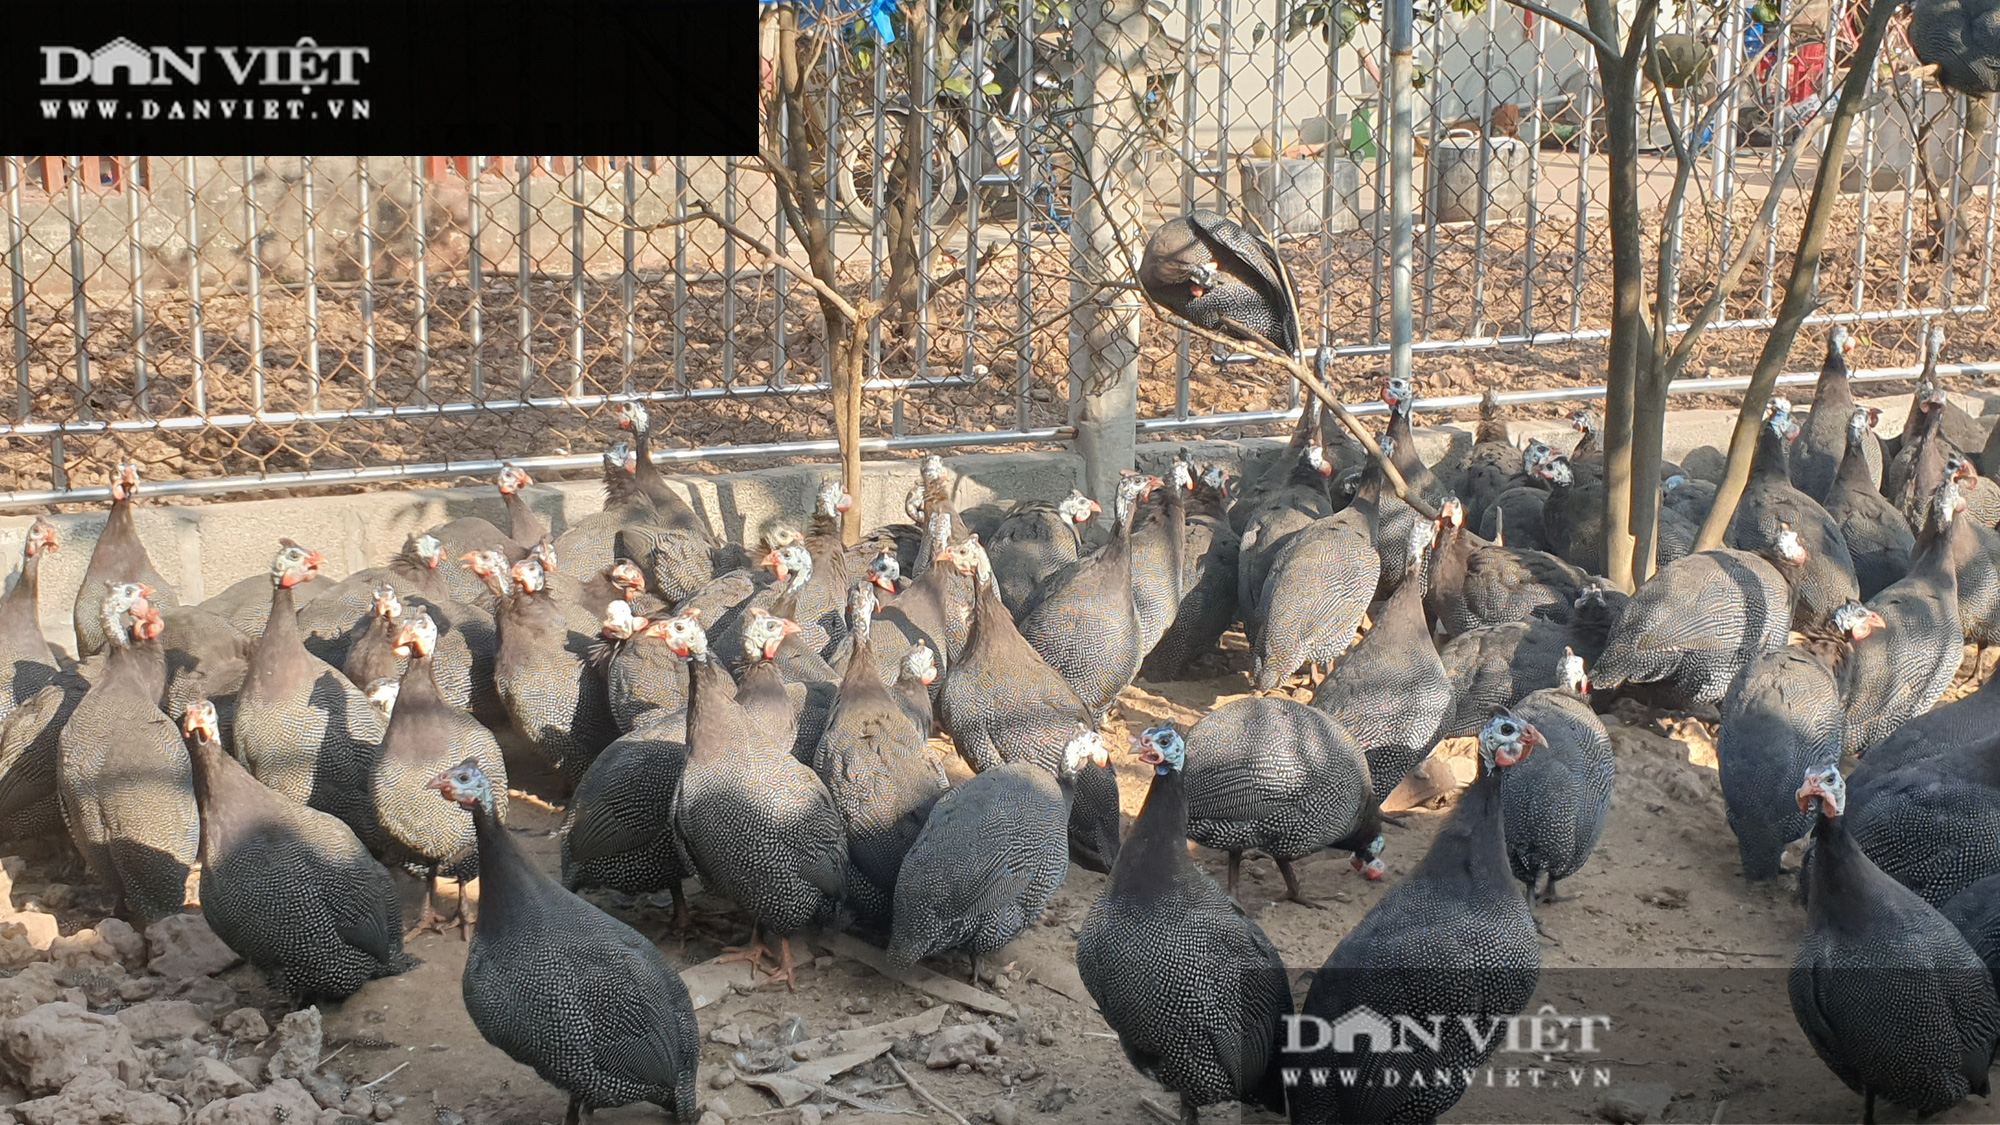 Nuôi con gì bán Tết: Nuôi đàn gà bay như chim, kêu điếc tai, lão nông đếm tiền mỏi tay - Ảnh 3.